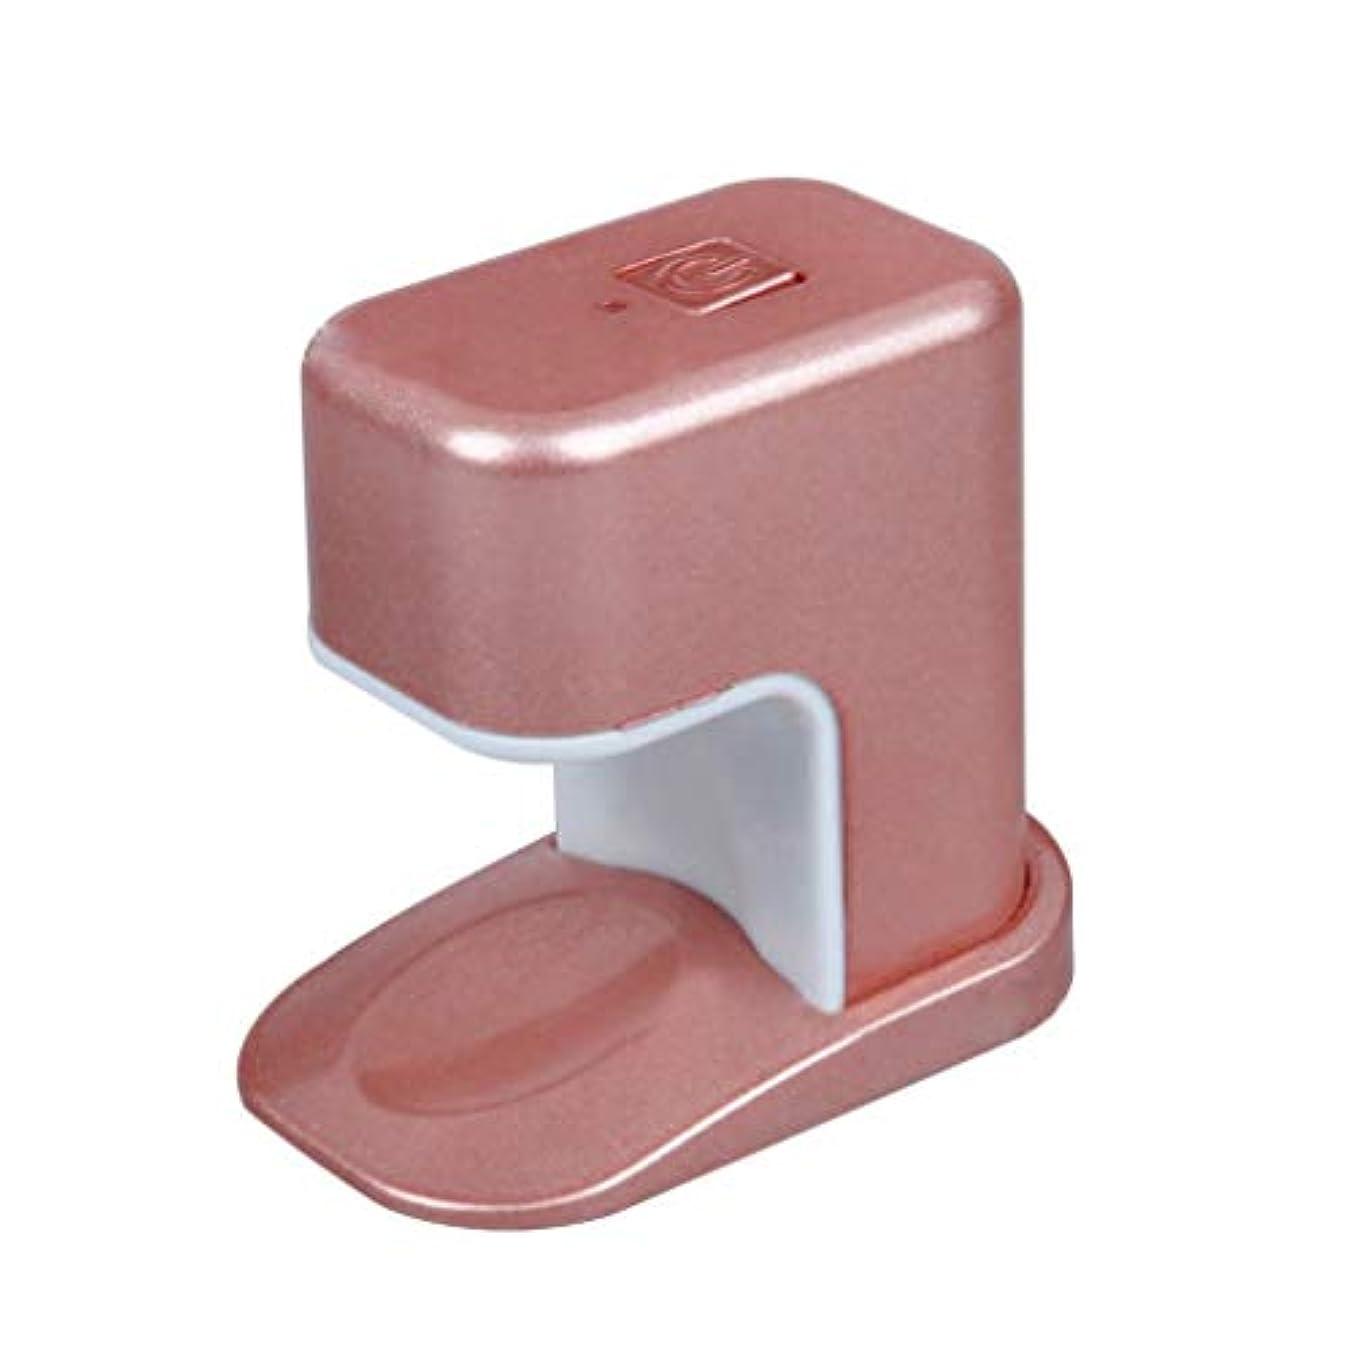 Paick ネイルドライヤー 3W LED電球 USBケーブル UV マニキュアドライヤー ニポータブル単一指ネイルアートのLED 3色選べ - ピンク